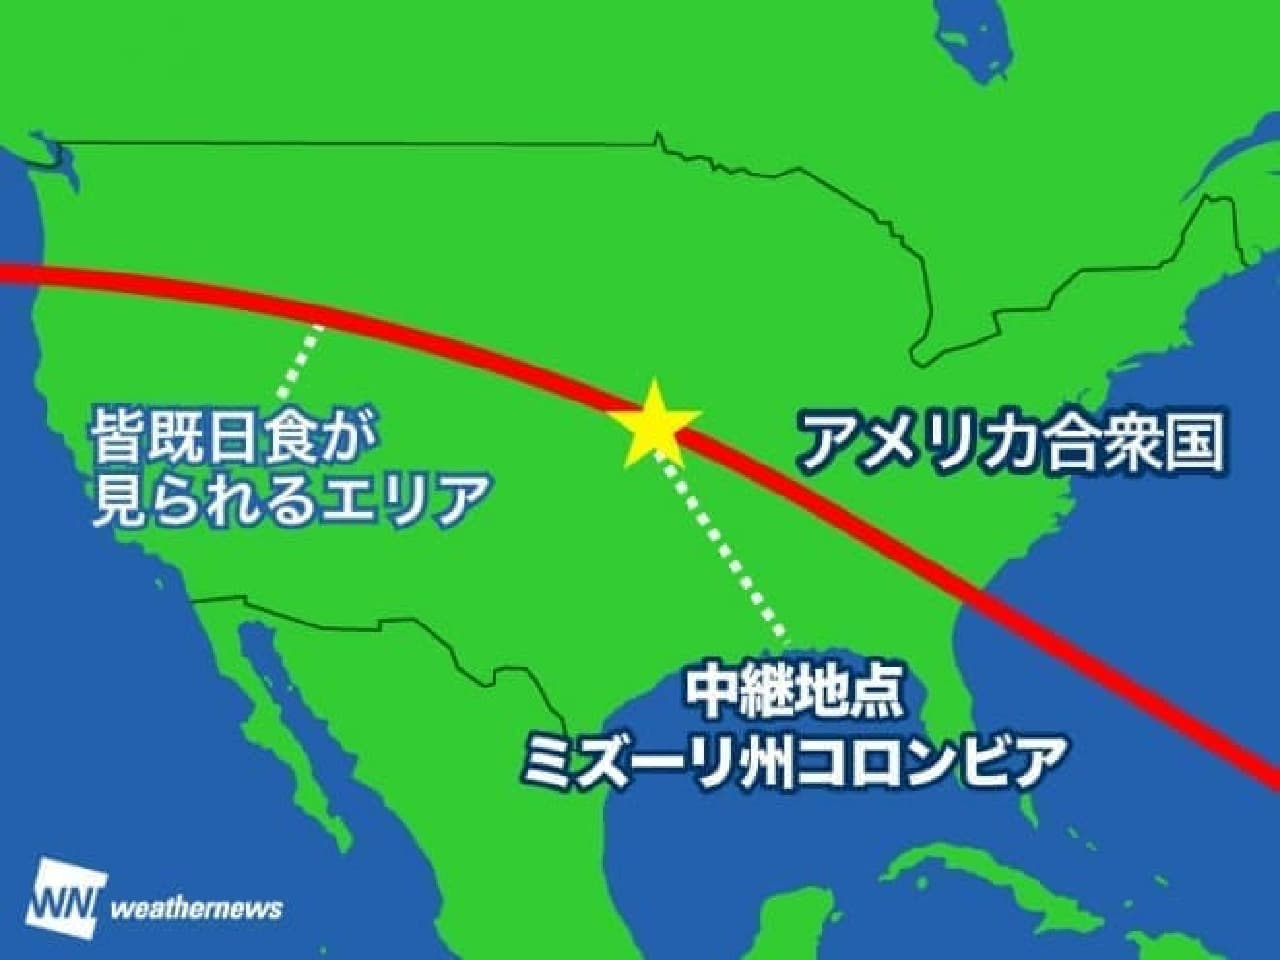 8月22日は米国で皆既日食-ウェザーニューズがライブ中継